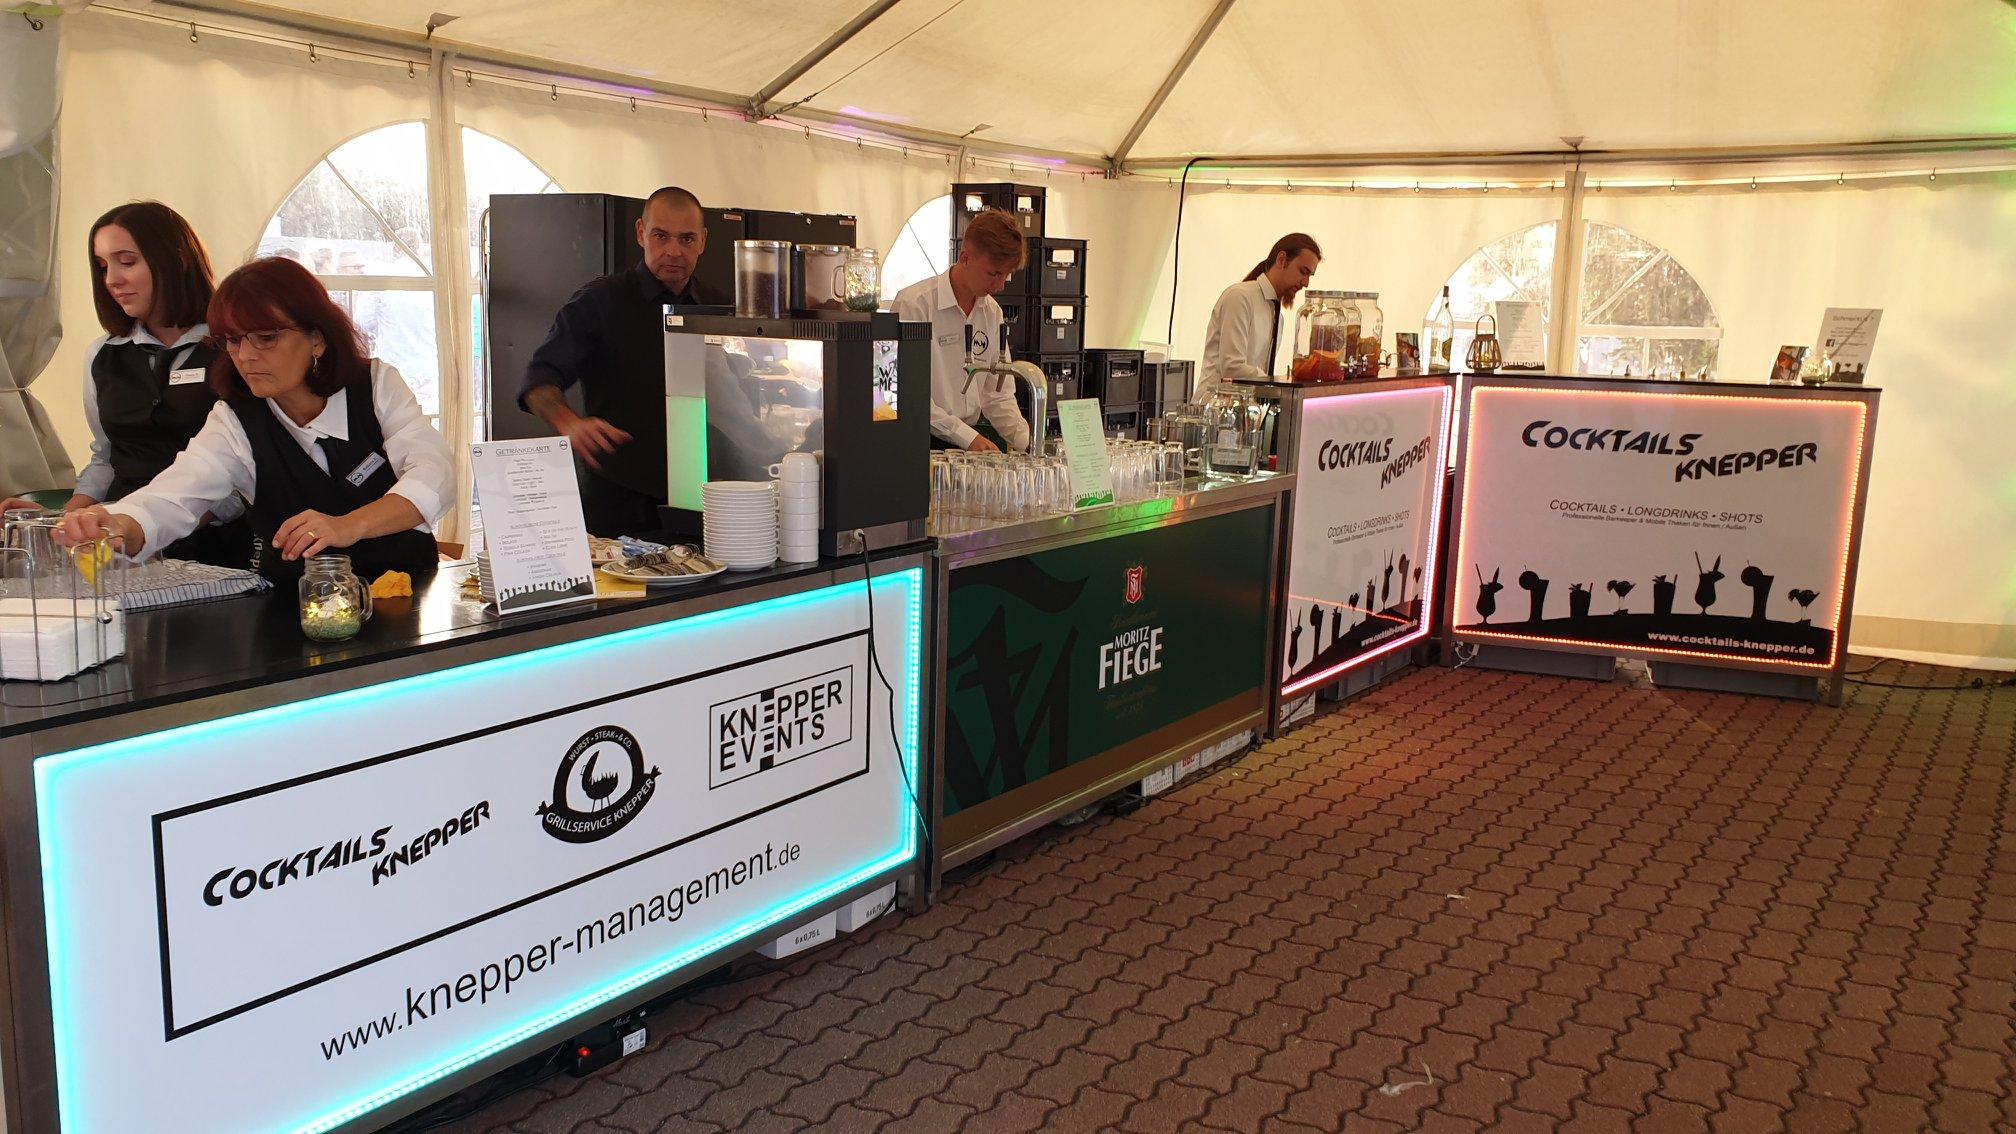 Knepper Events - Eventaustattung in Bochum-Wattenscheid - Sommerfest bei Immokonzept 2019 (27)